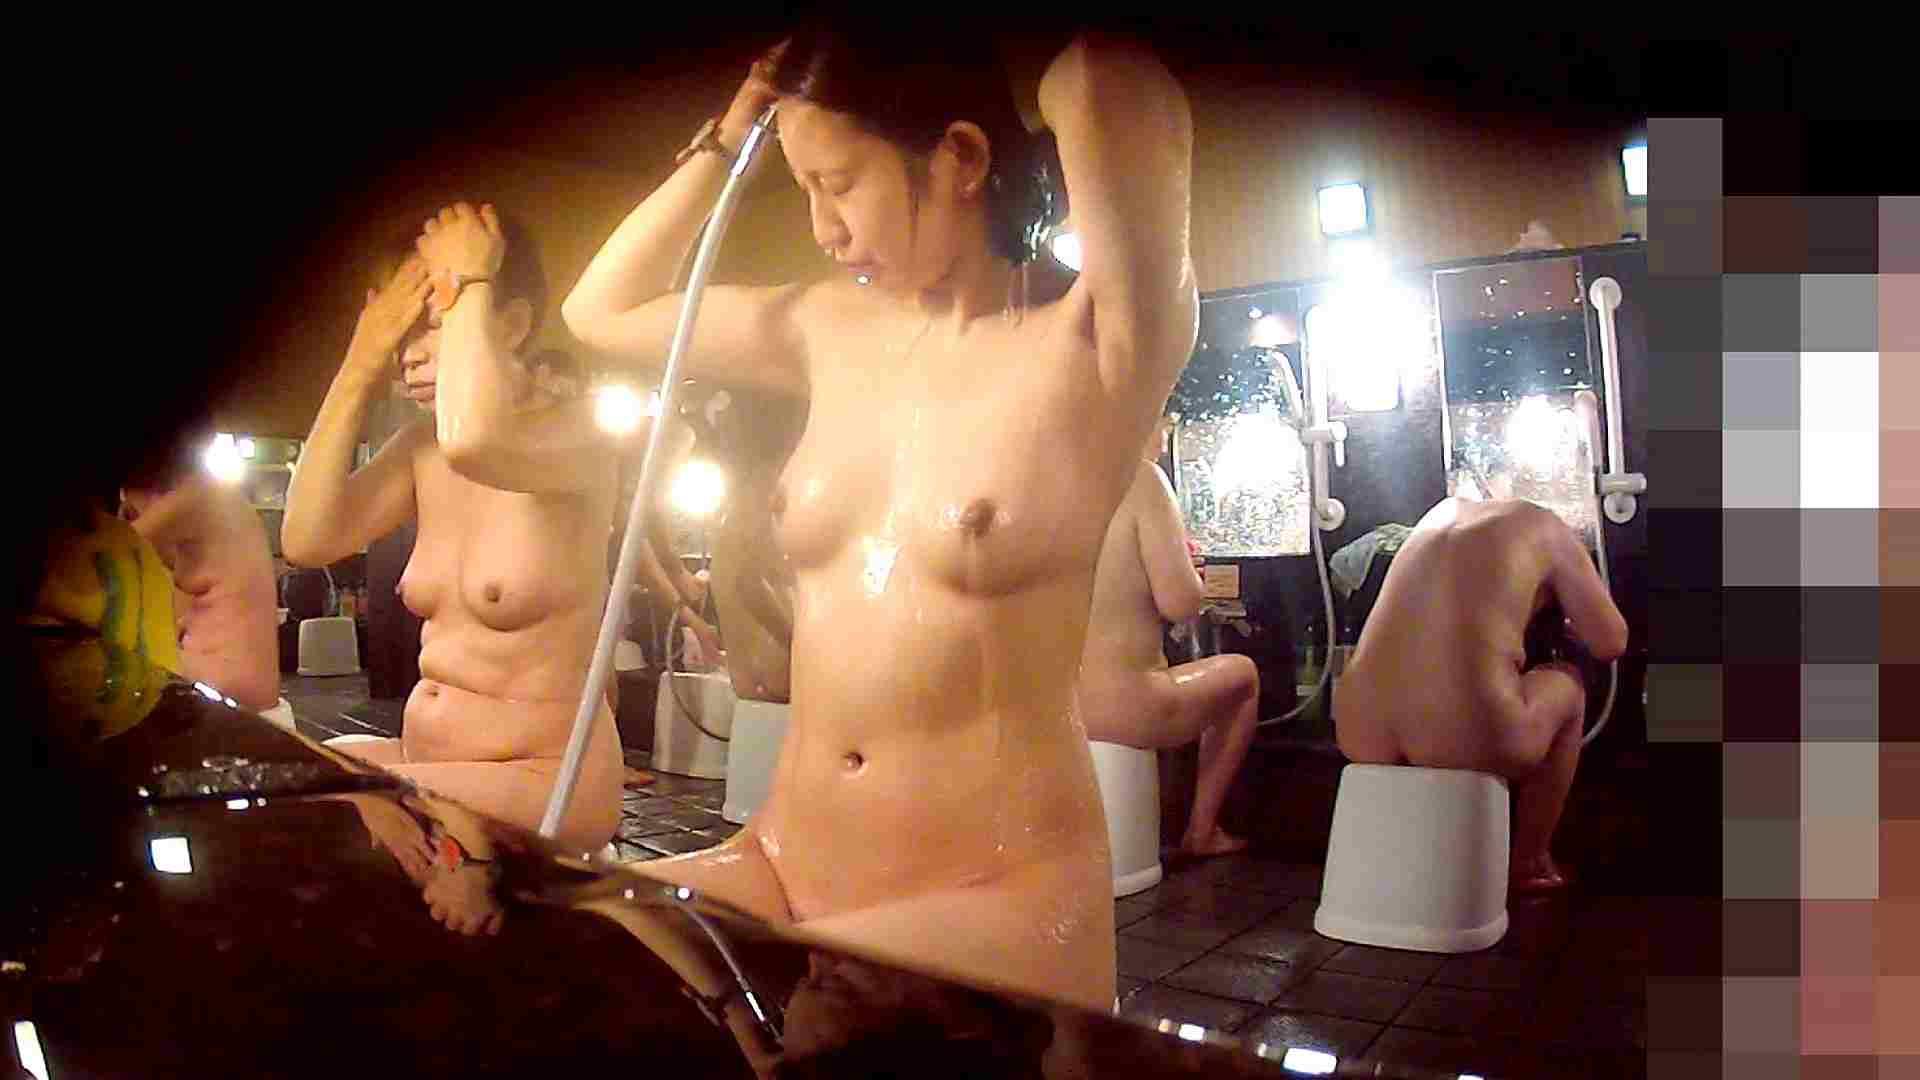 洗い場!陰毛が綺麗に整ってる微美人お嬢様 美人  39Pix 11